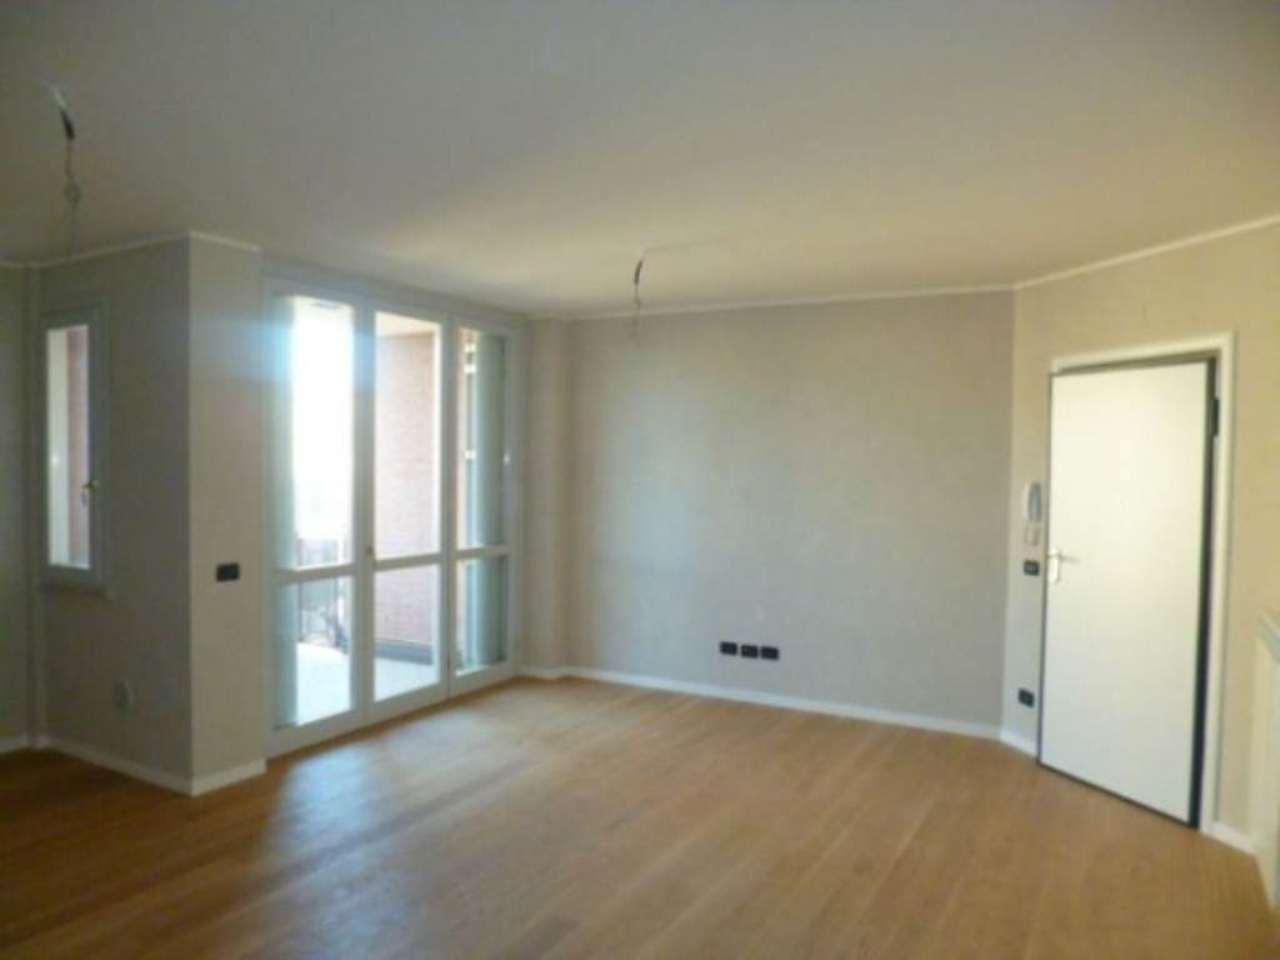 Appartamento in vendita a Borgosatollo, 3 locali, prezzo € 145.000 | Cambio Casa.it